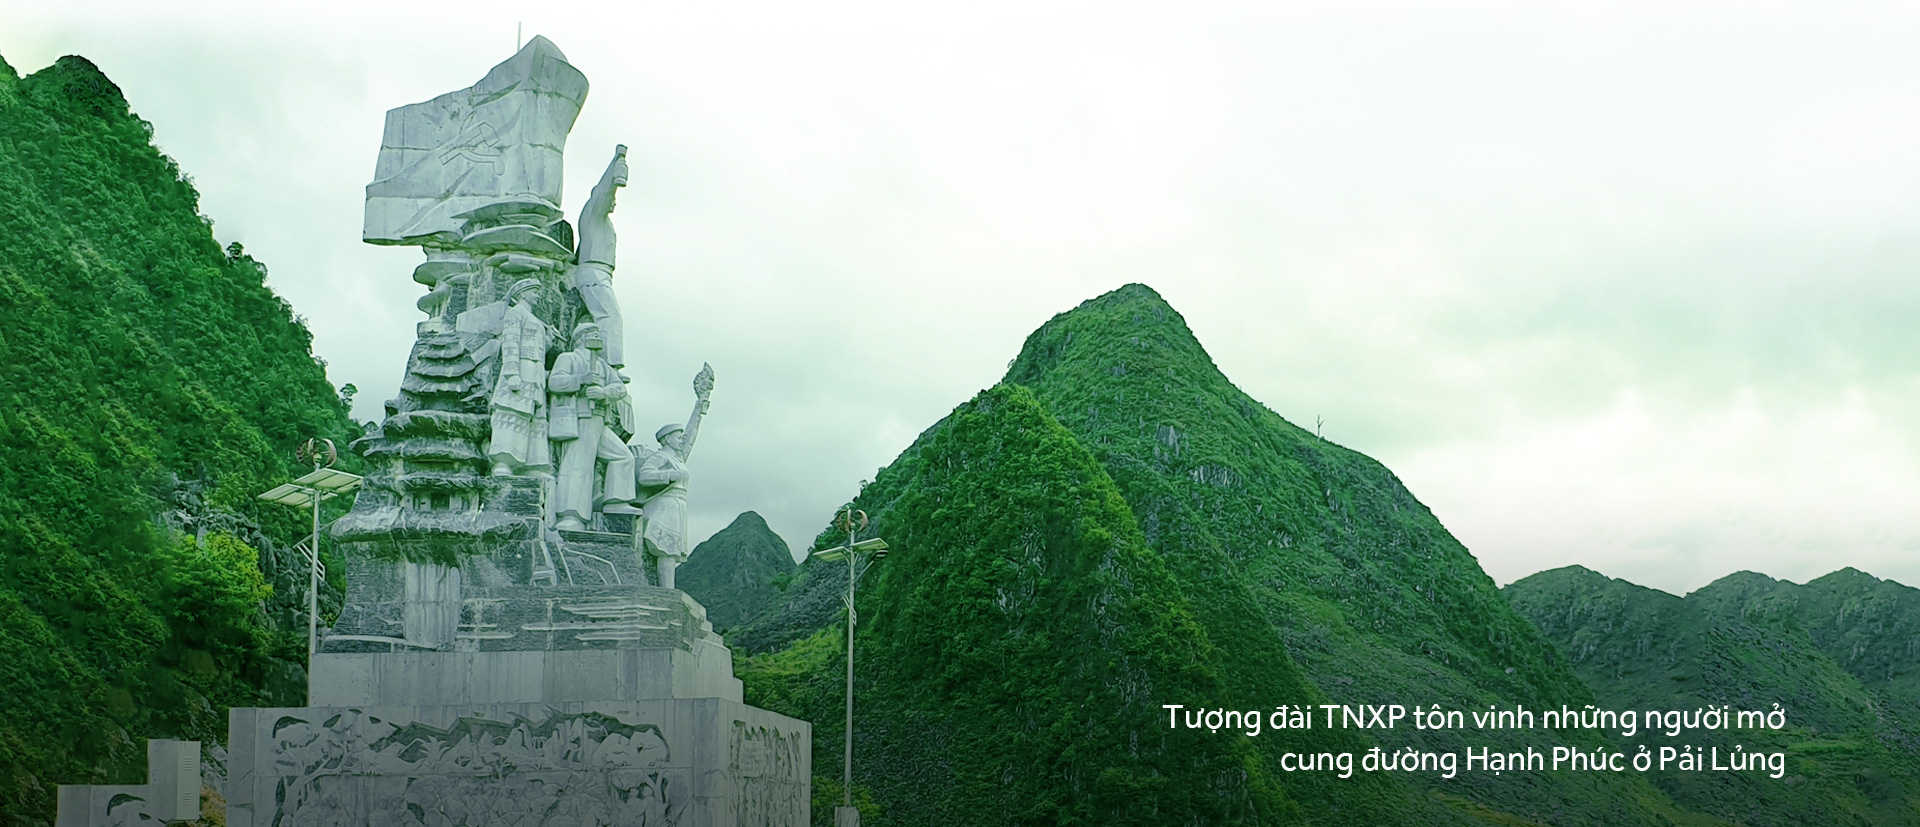 55 năm Cung đường Hạnh Phúc trên trập trùng núi đá Hà Giang - Ảnh 13.